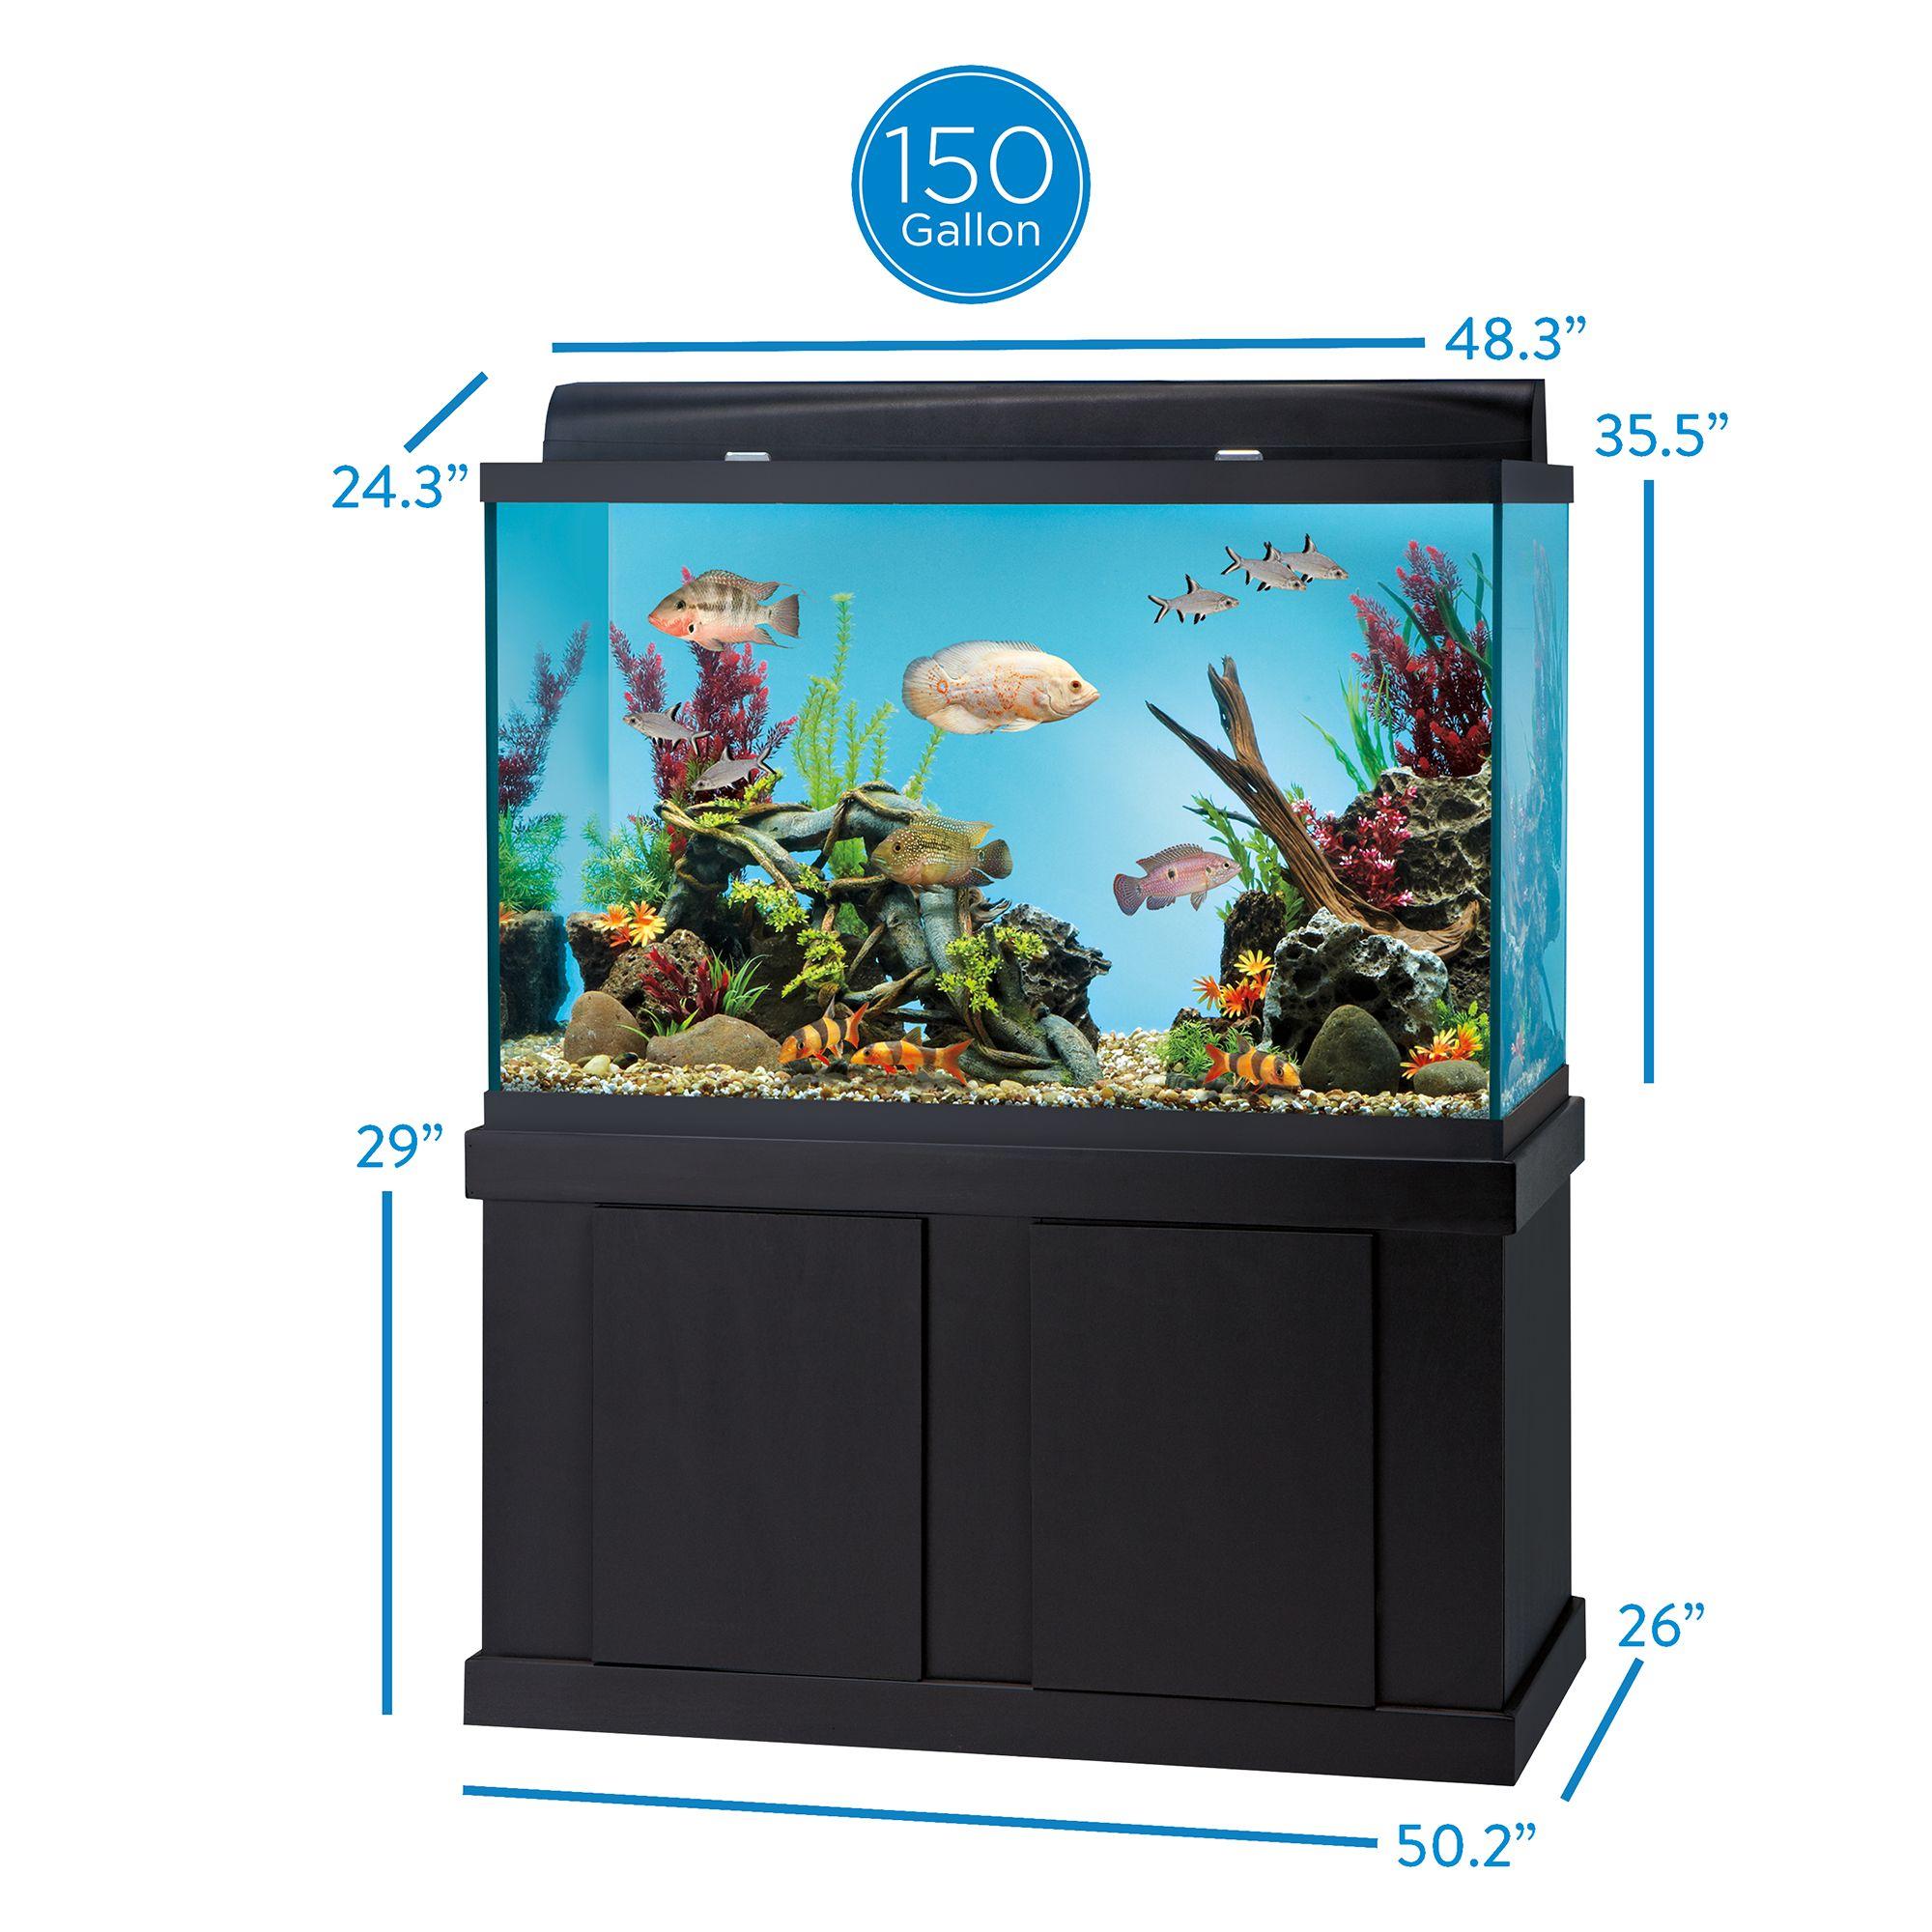 Top Fin Aquarium Ensemble 150 Gallon Fish Aquariums Petsmart